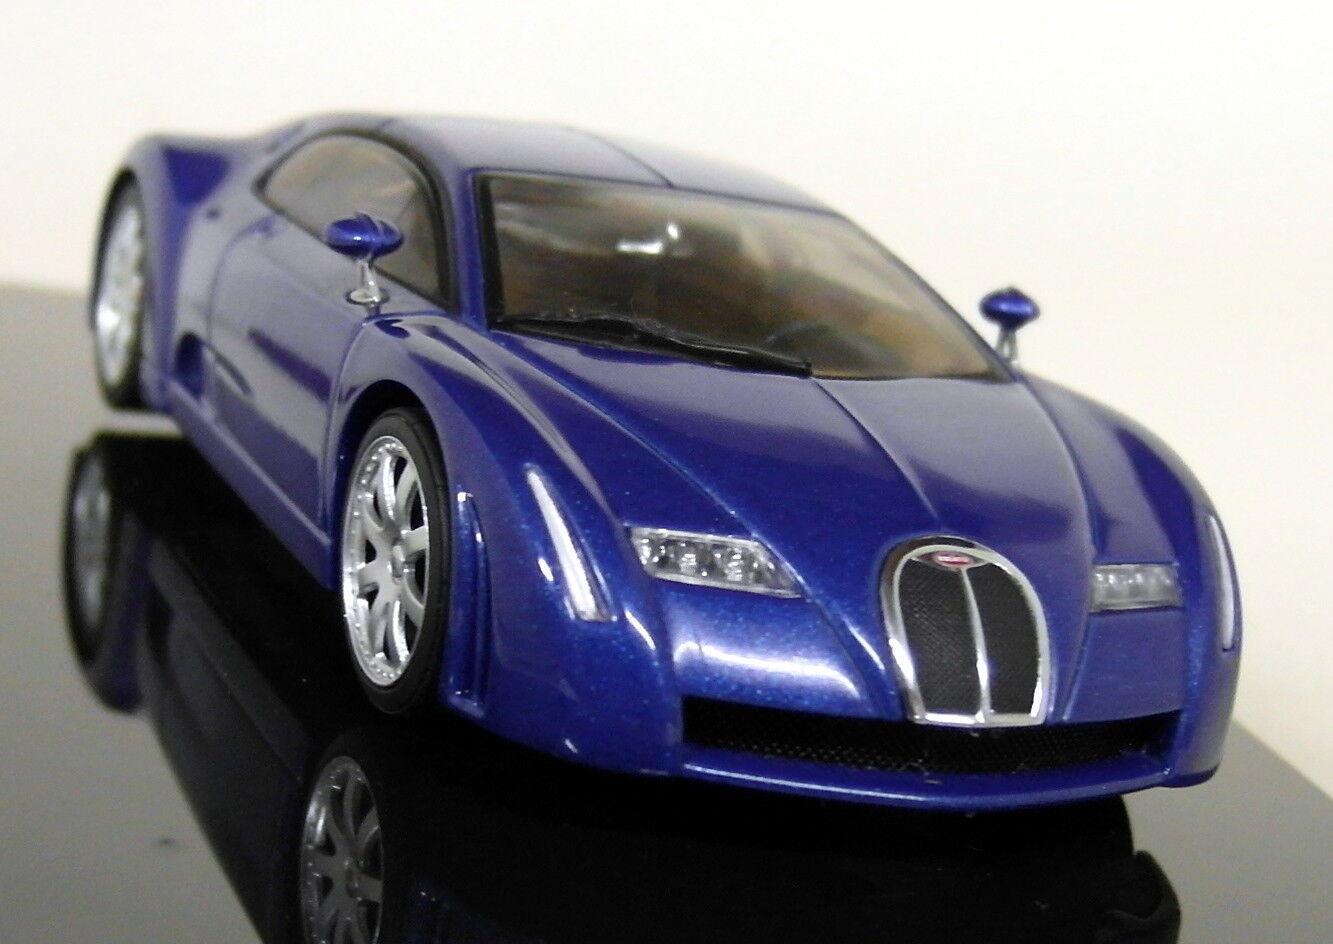 Autoart SCALA  - 50911 Bugatti EB 16.3 svolgimento azul Auto Modello Diecast